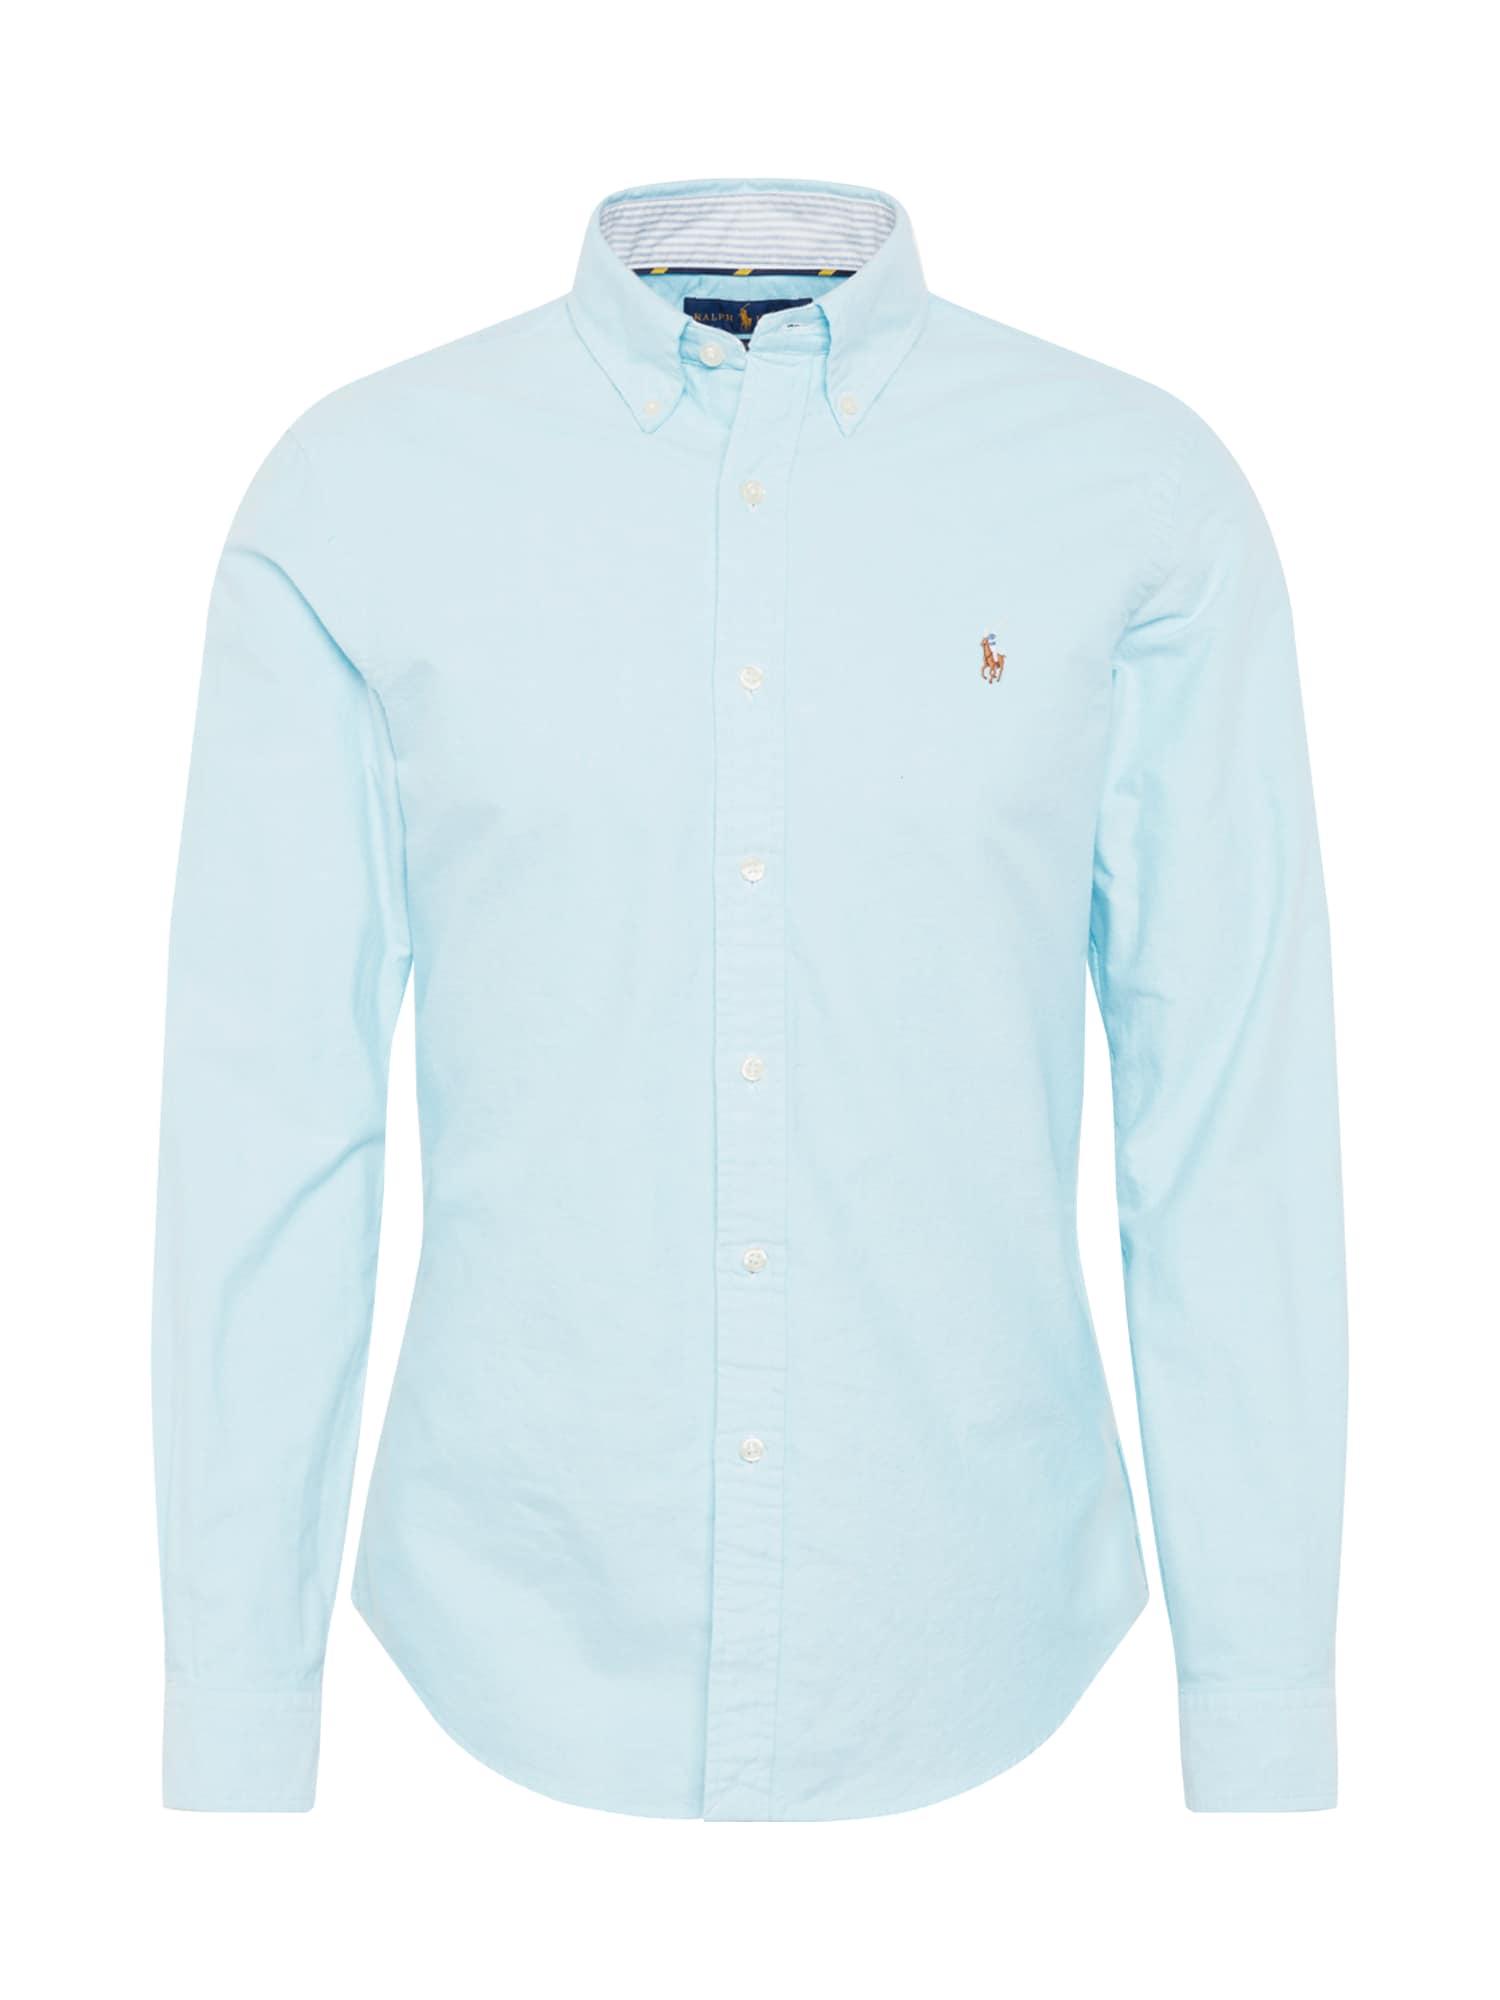 POLO RALPH LAUREN Dalykinio stiliaus marškiniai